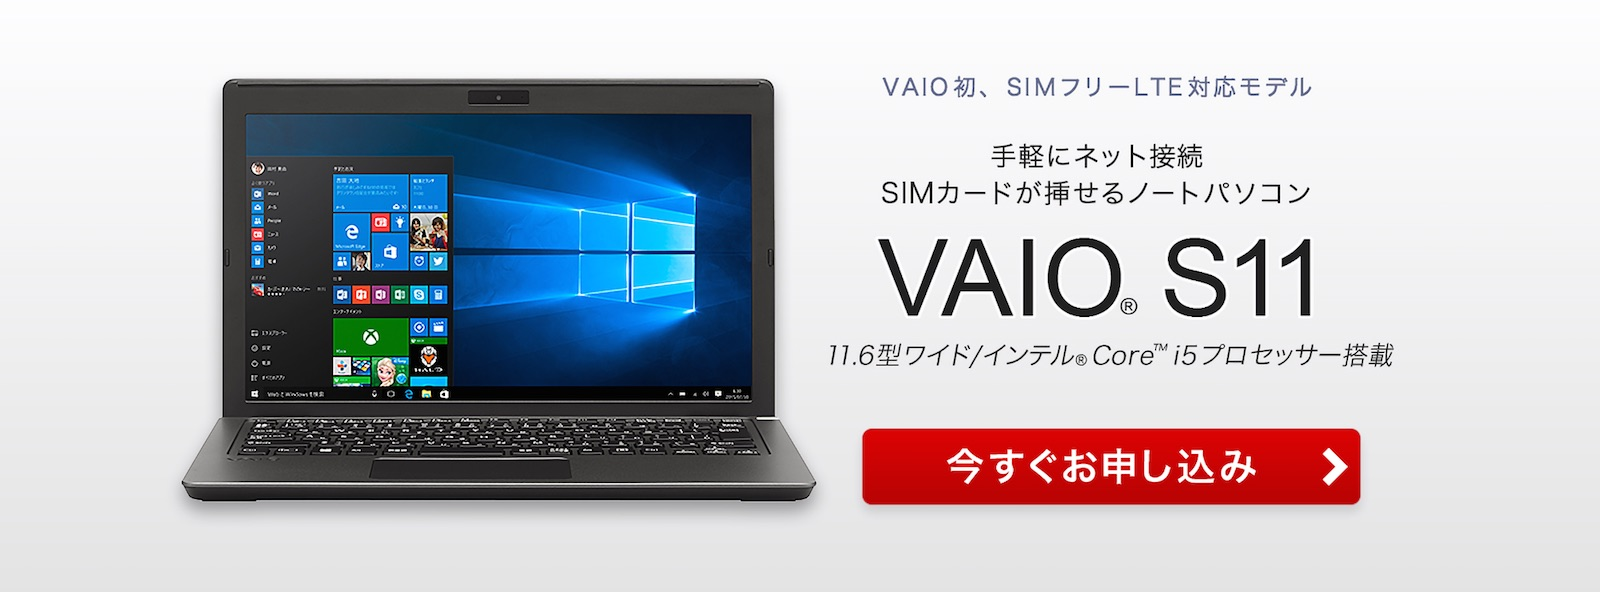 light-stylish-laptop-vaio-s11-rakuten-mobile